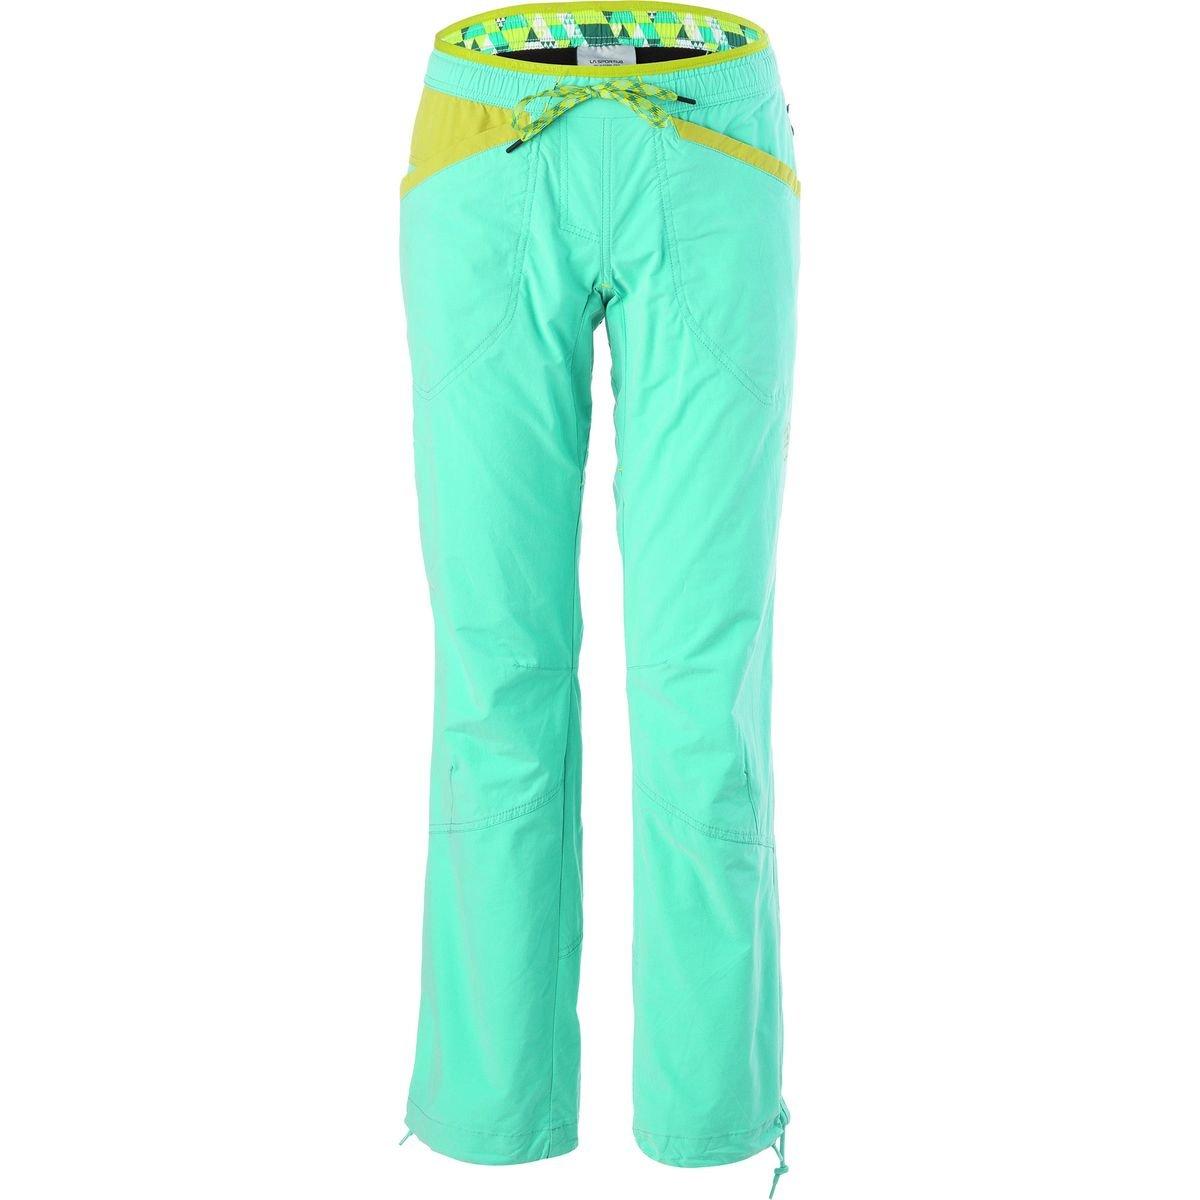 La Sportiva Sharp Pant - Women's Mint/Citronelle, XS